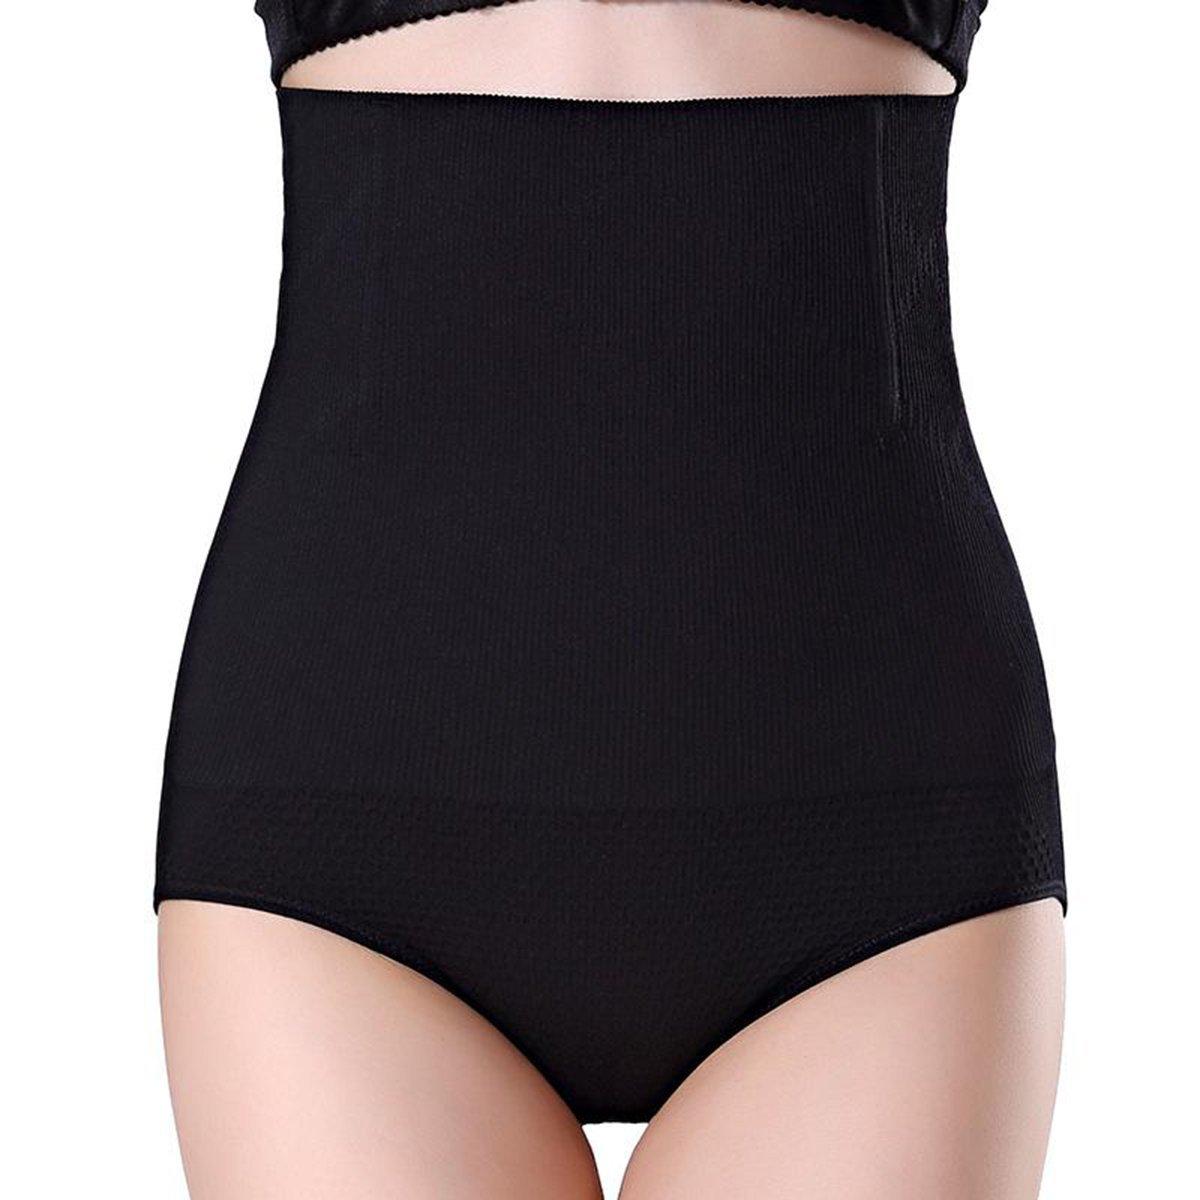 12c27d673d Miracle Women Black High Waist Seamless Shapewear Panties Underwear Tummy  Control Butt Lifter Briefs Body Shaper